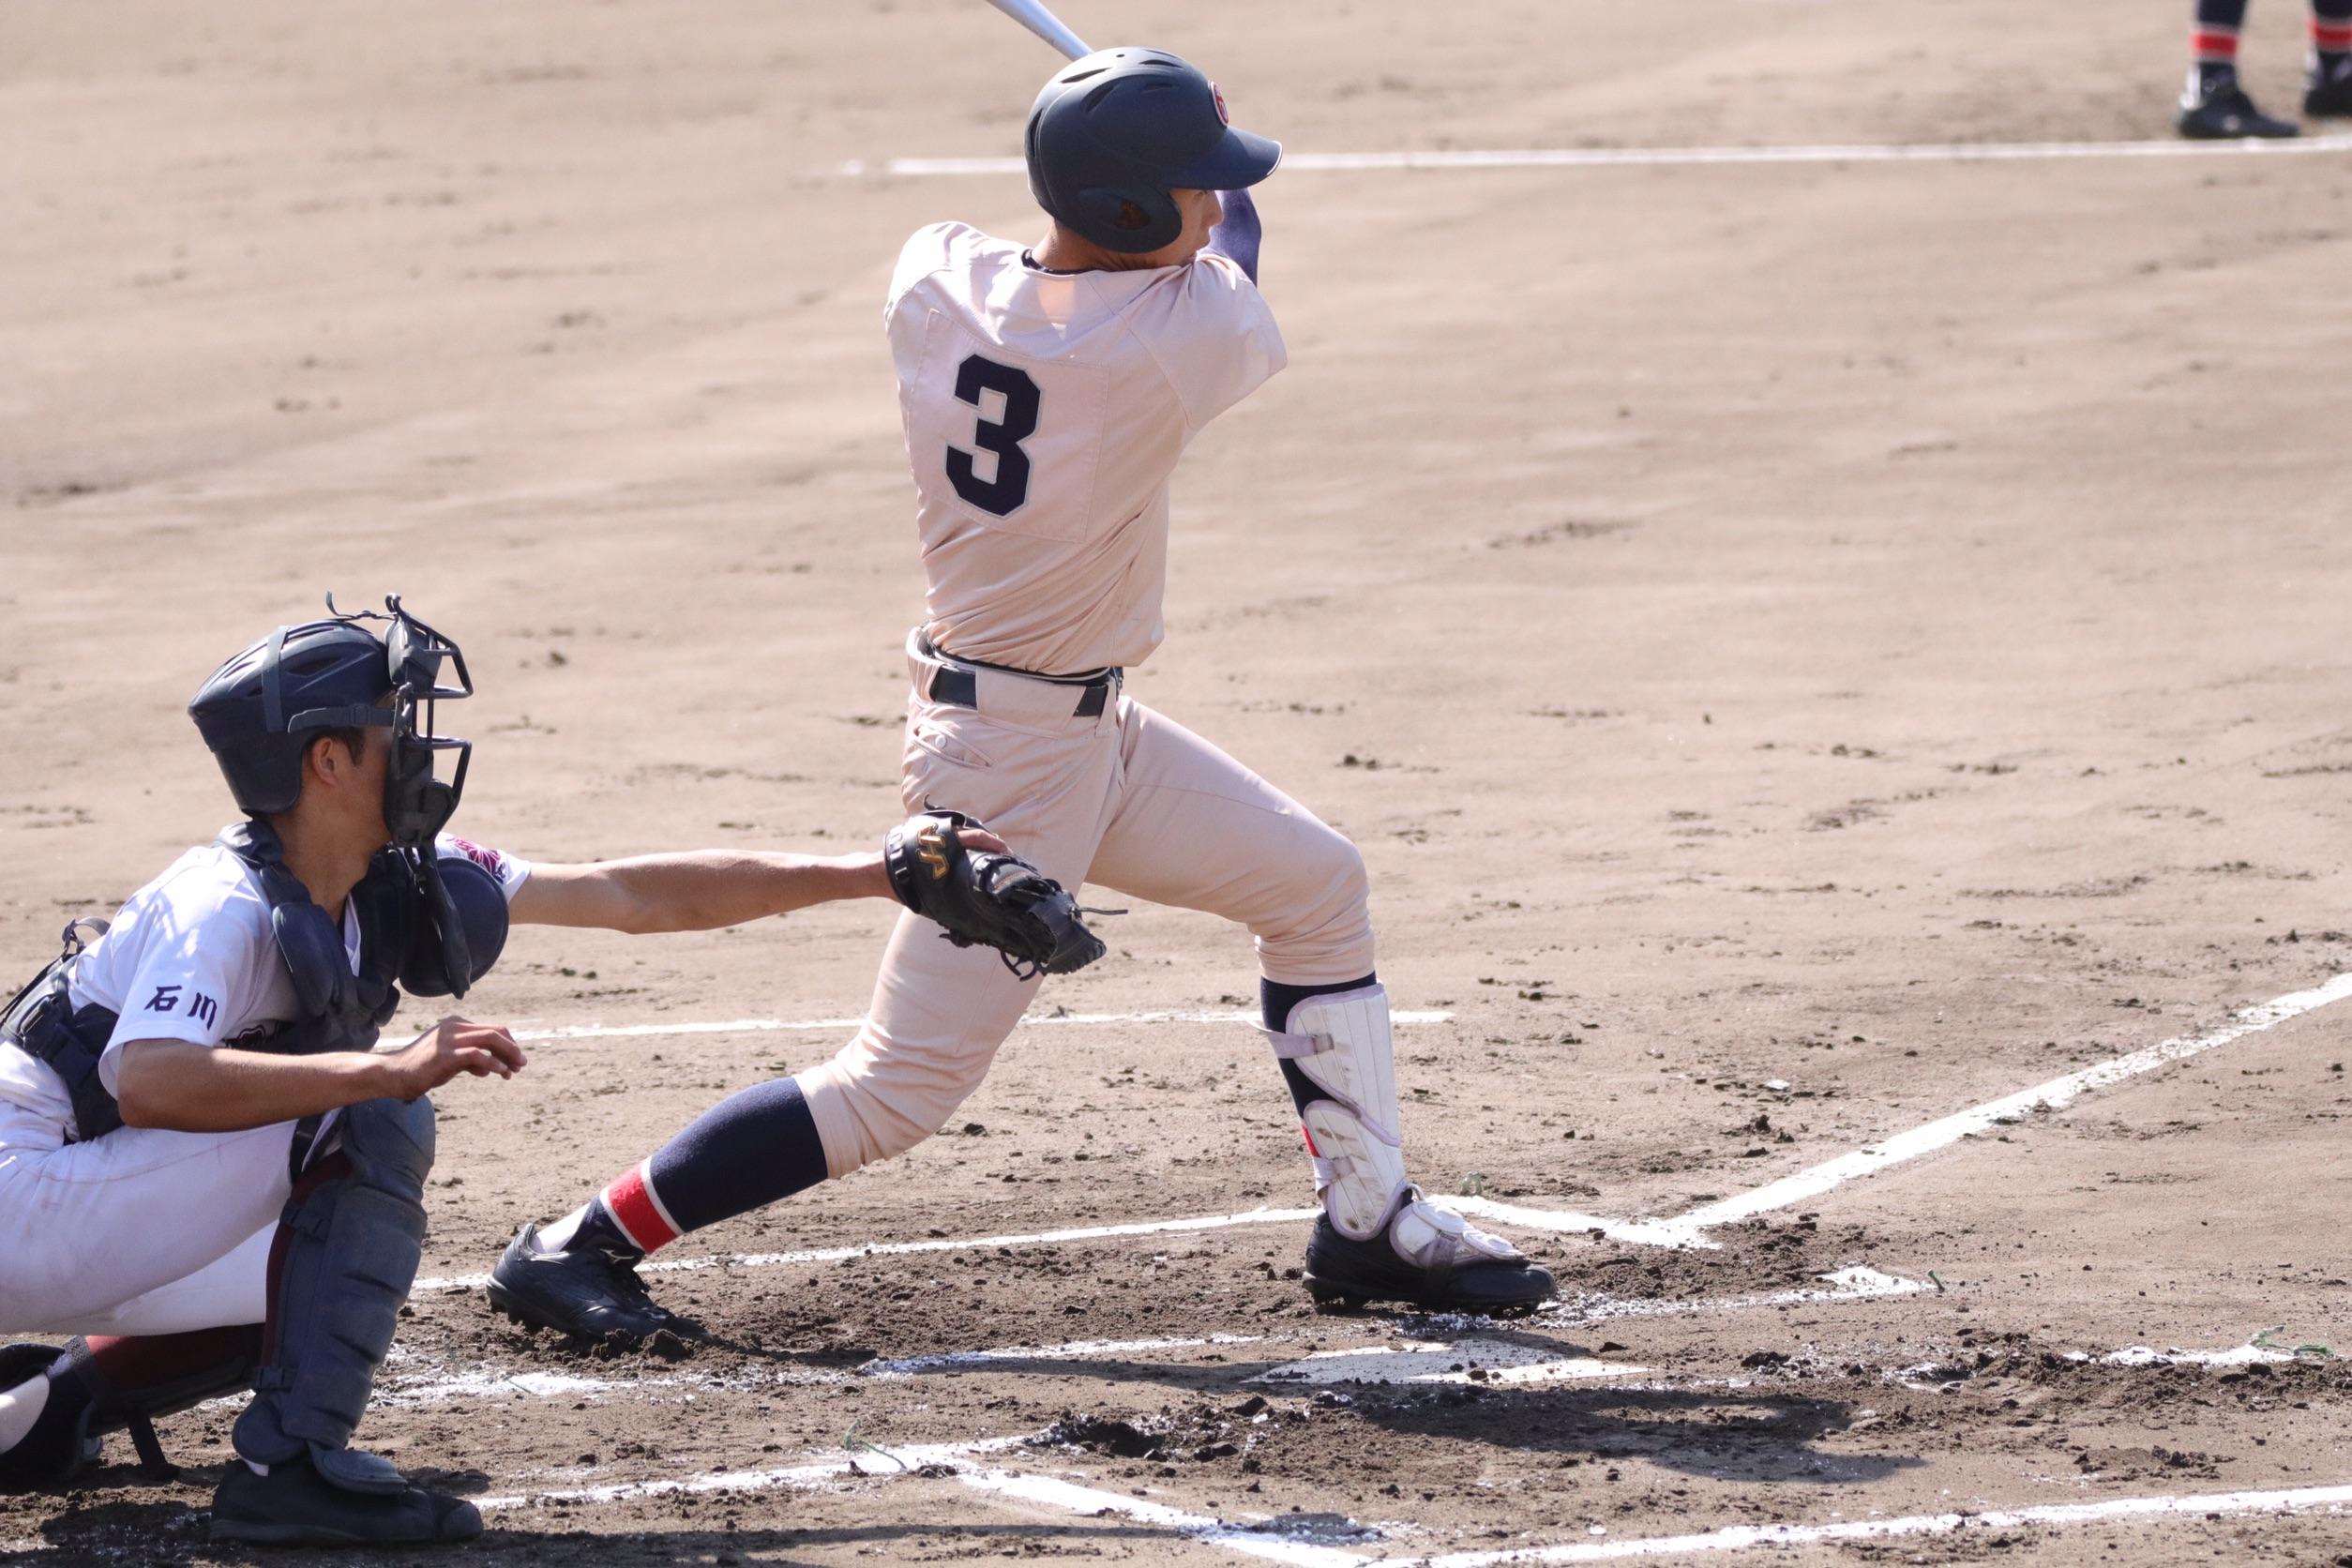 第137回 北信越高校野球石川大会(秋) 2回戦 vs鹿西